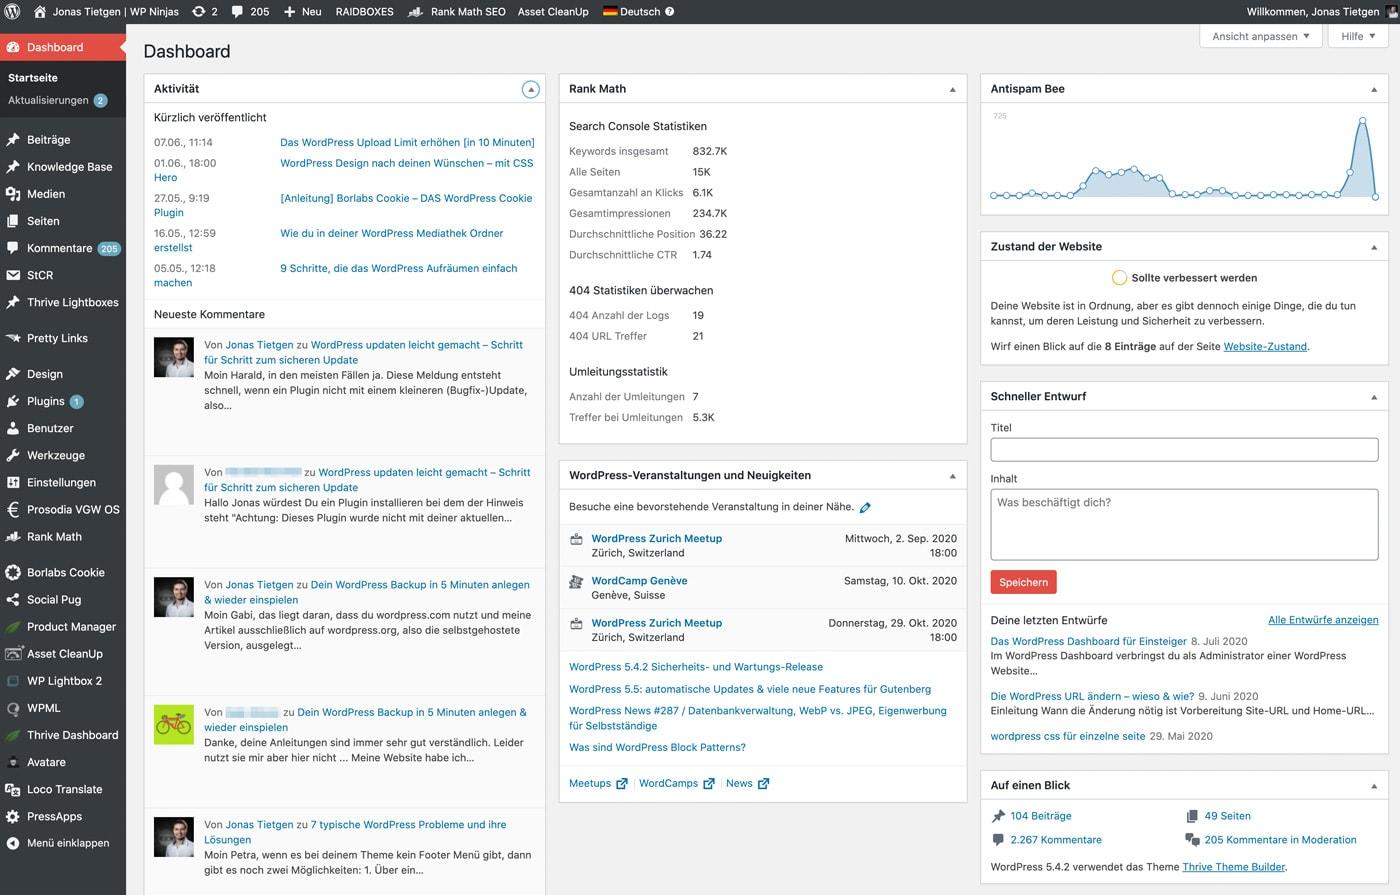 Das WordPress Dashboard in der Übersicht